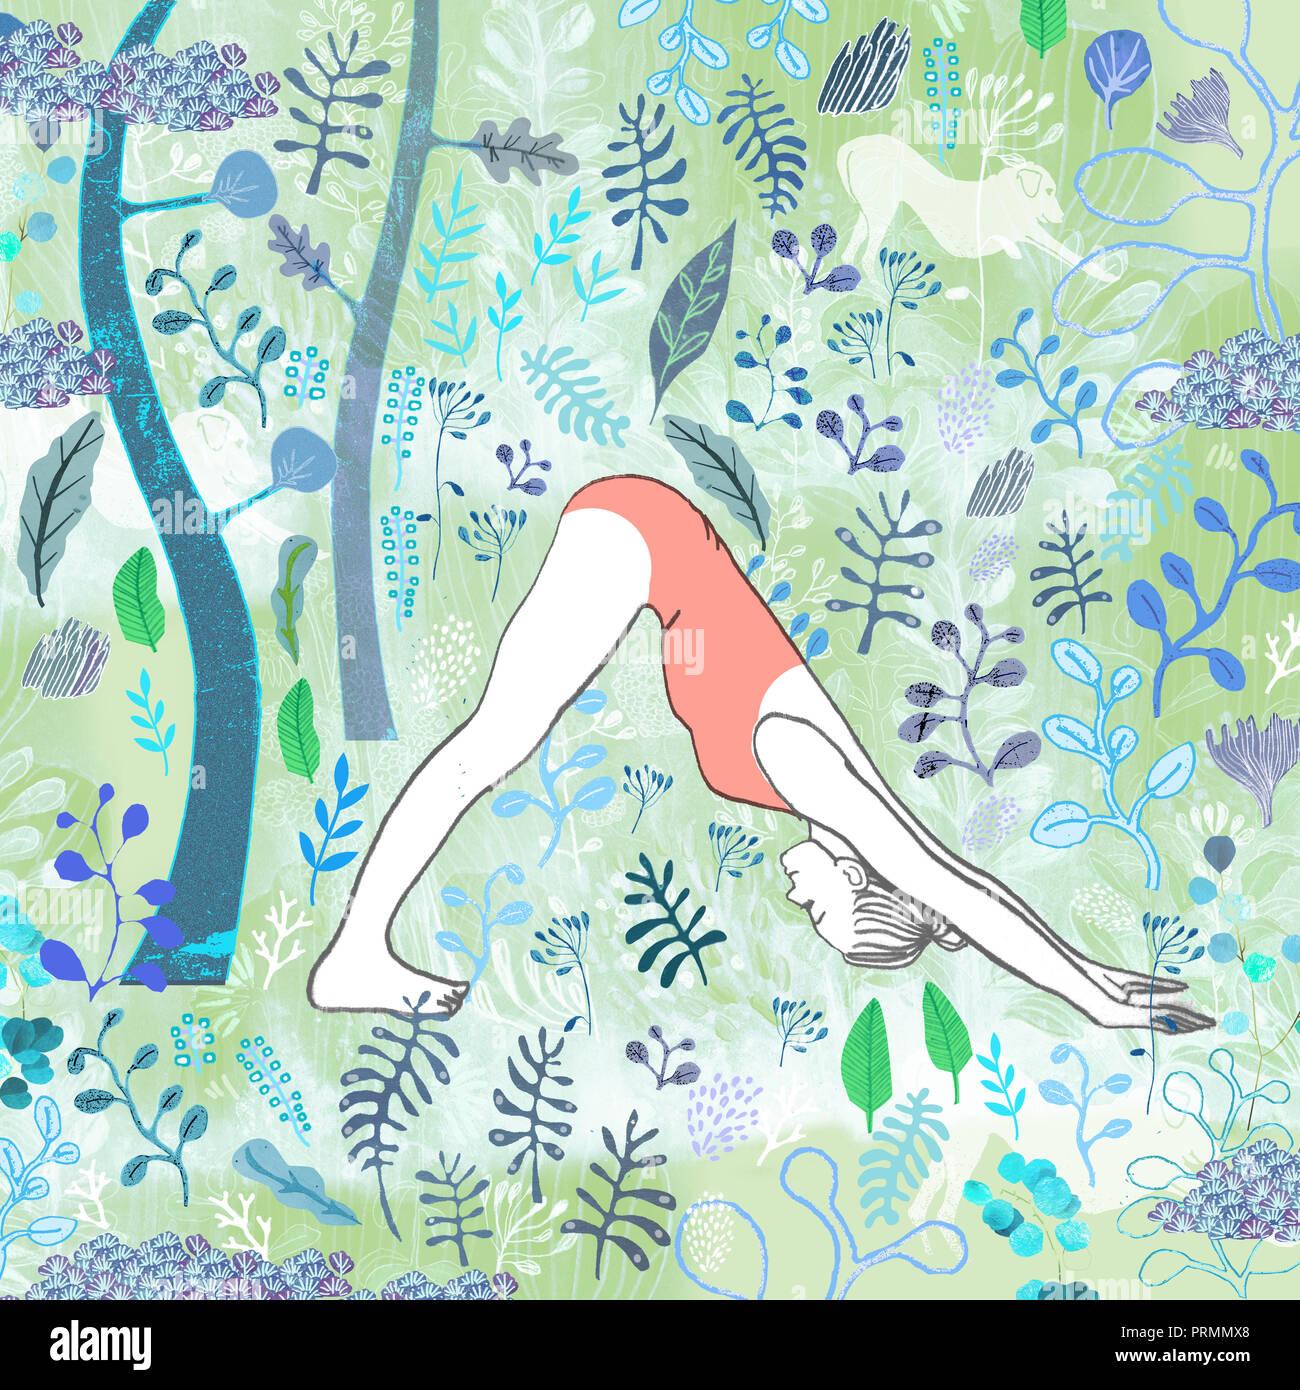 Frau Yoga nach unten schauenden Hund. Stockbild